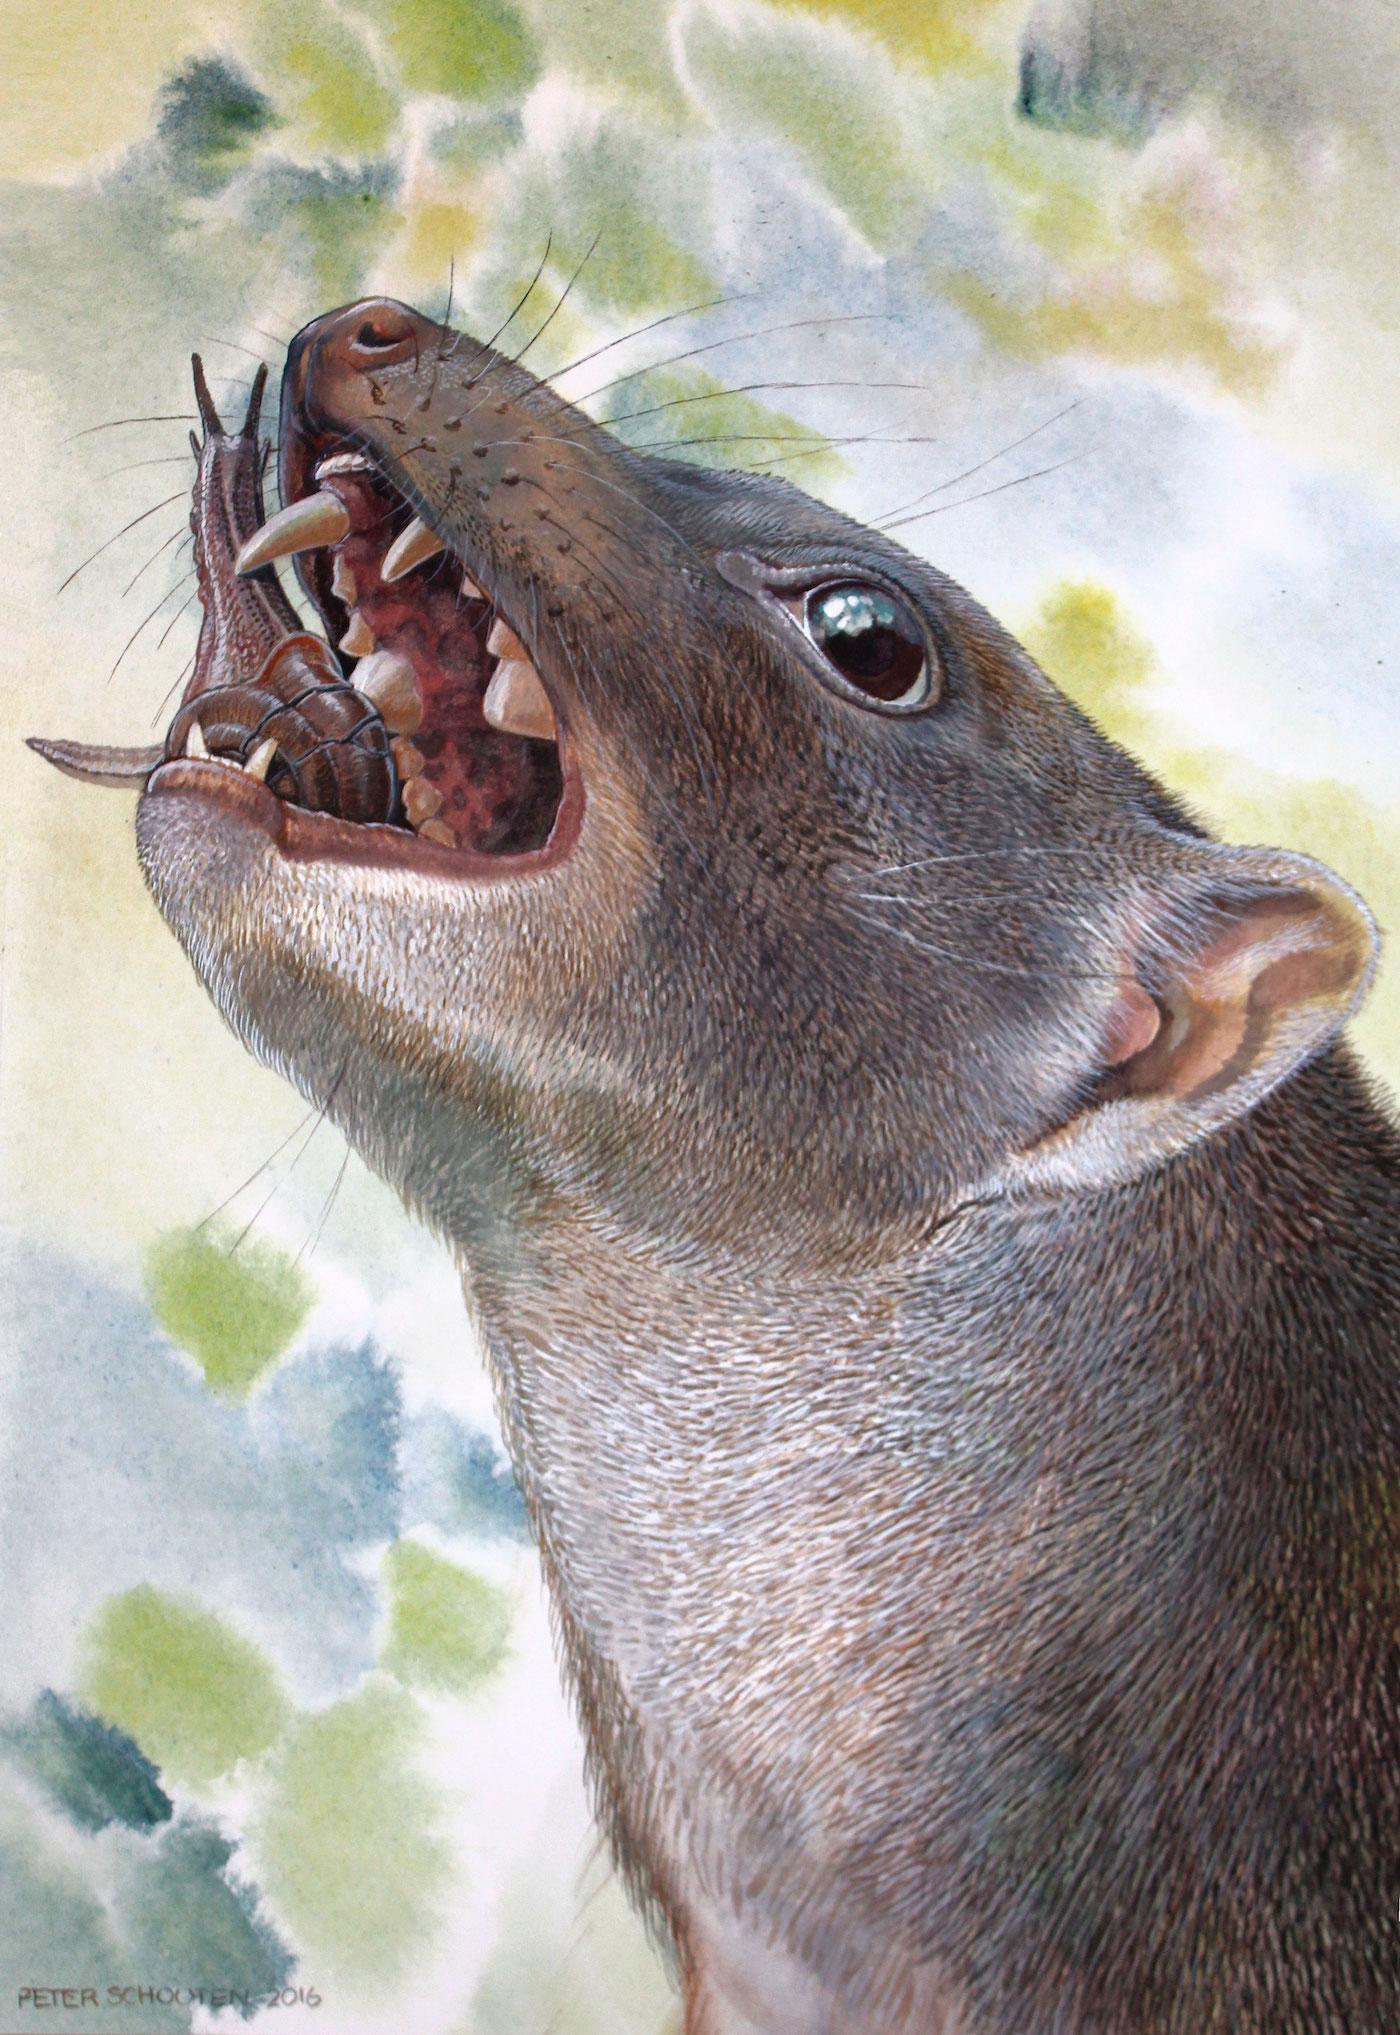 Descubren fósil de un marsupial desconocido